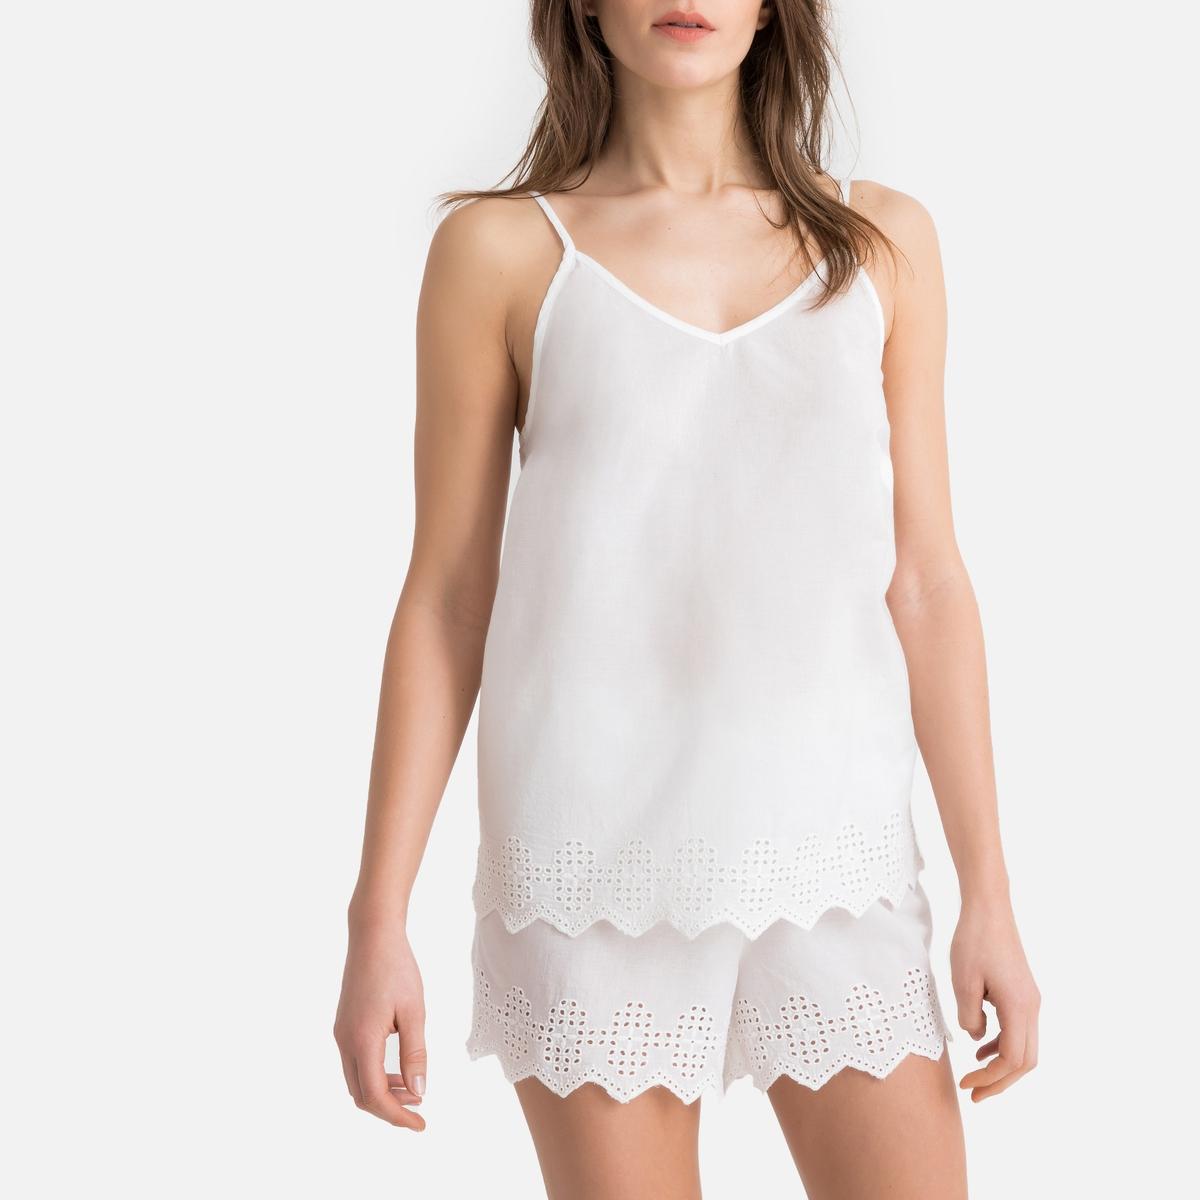 Pijama con short 100% algodón, con acabado bordado